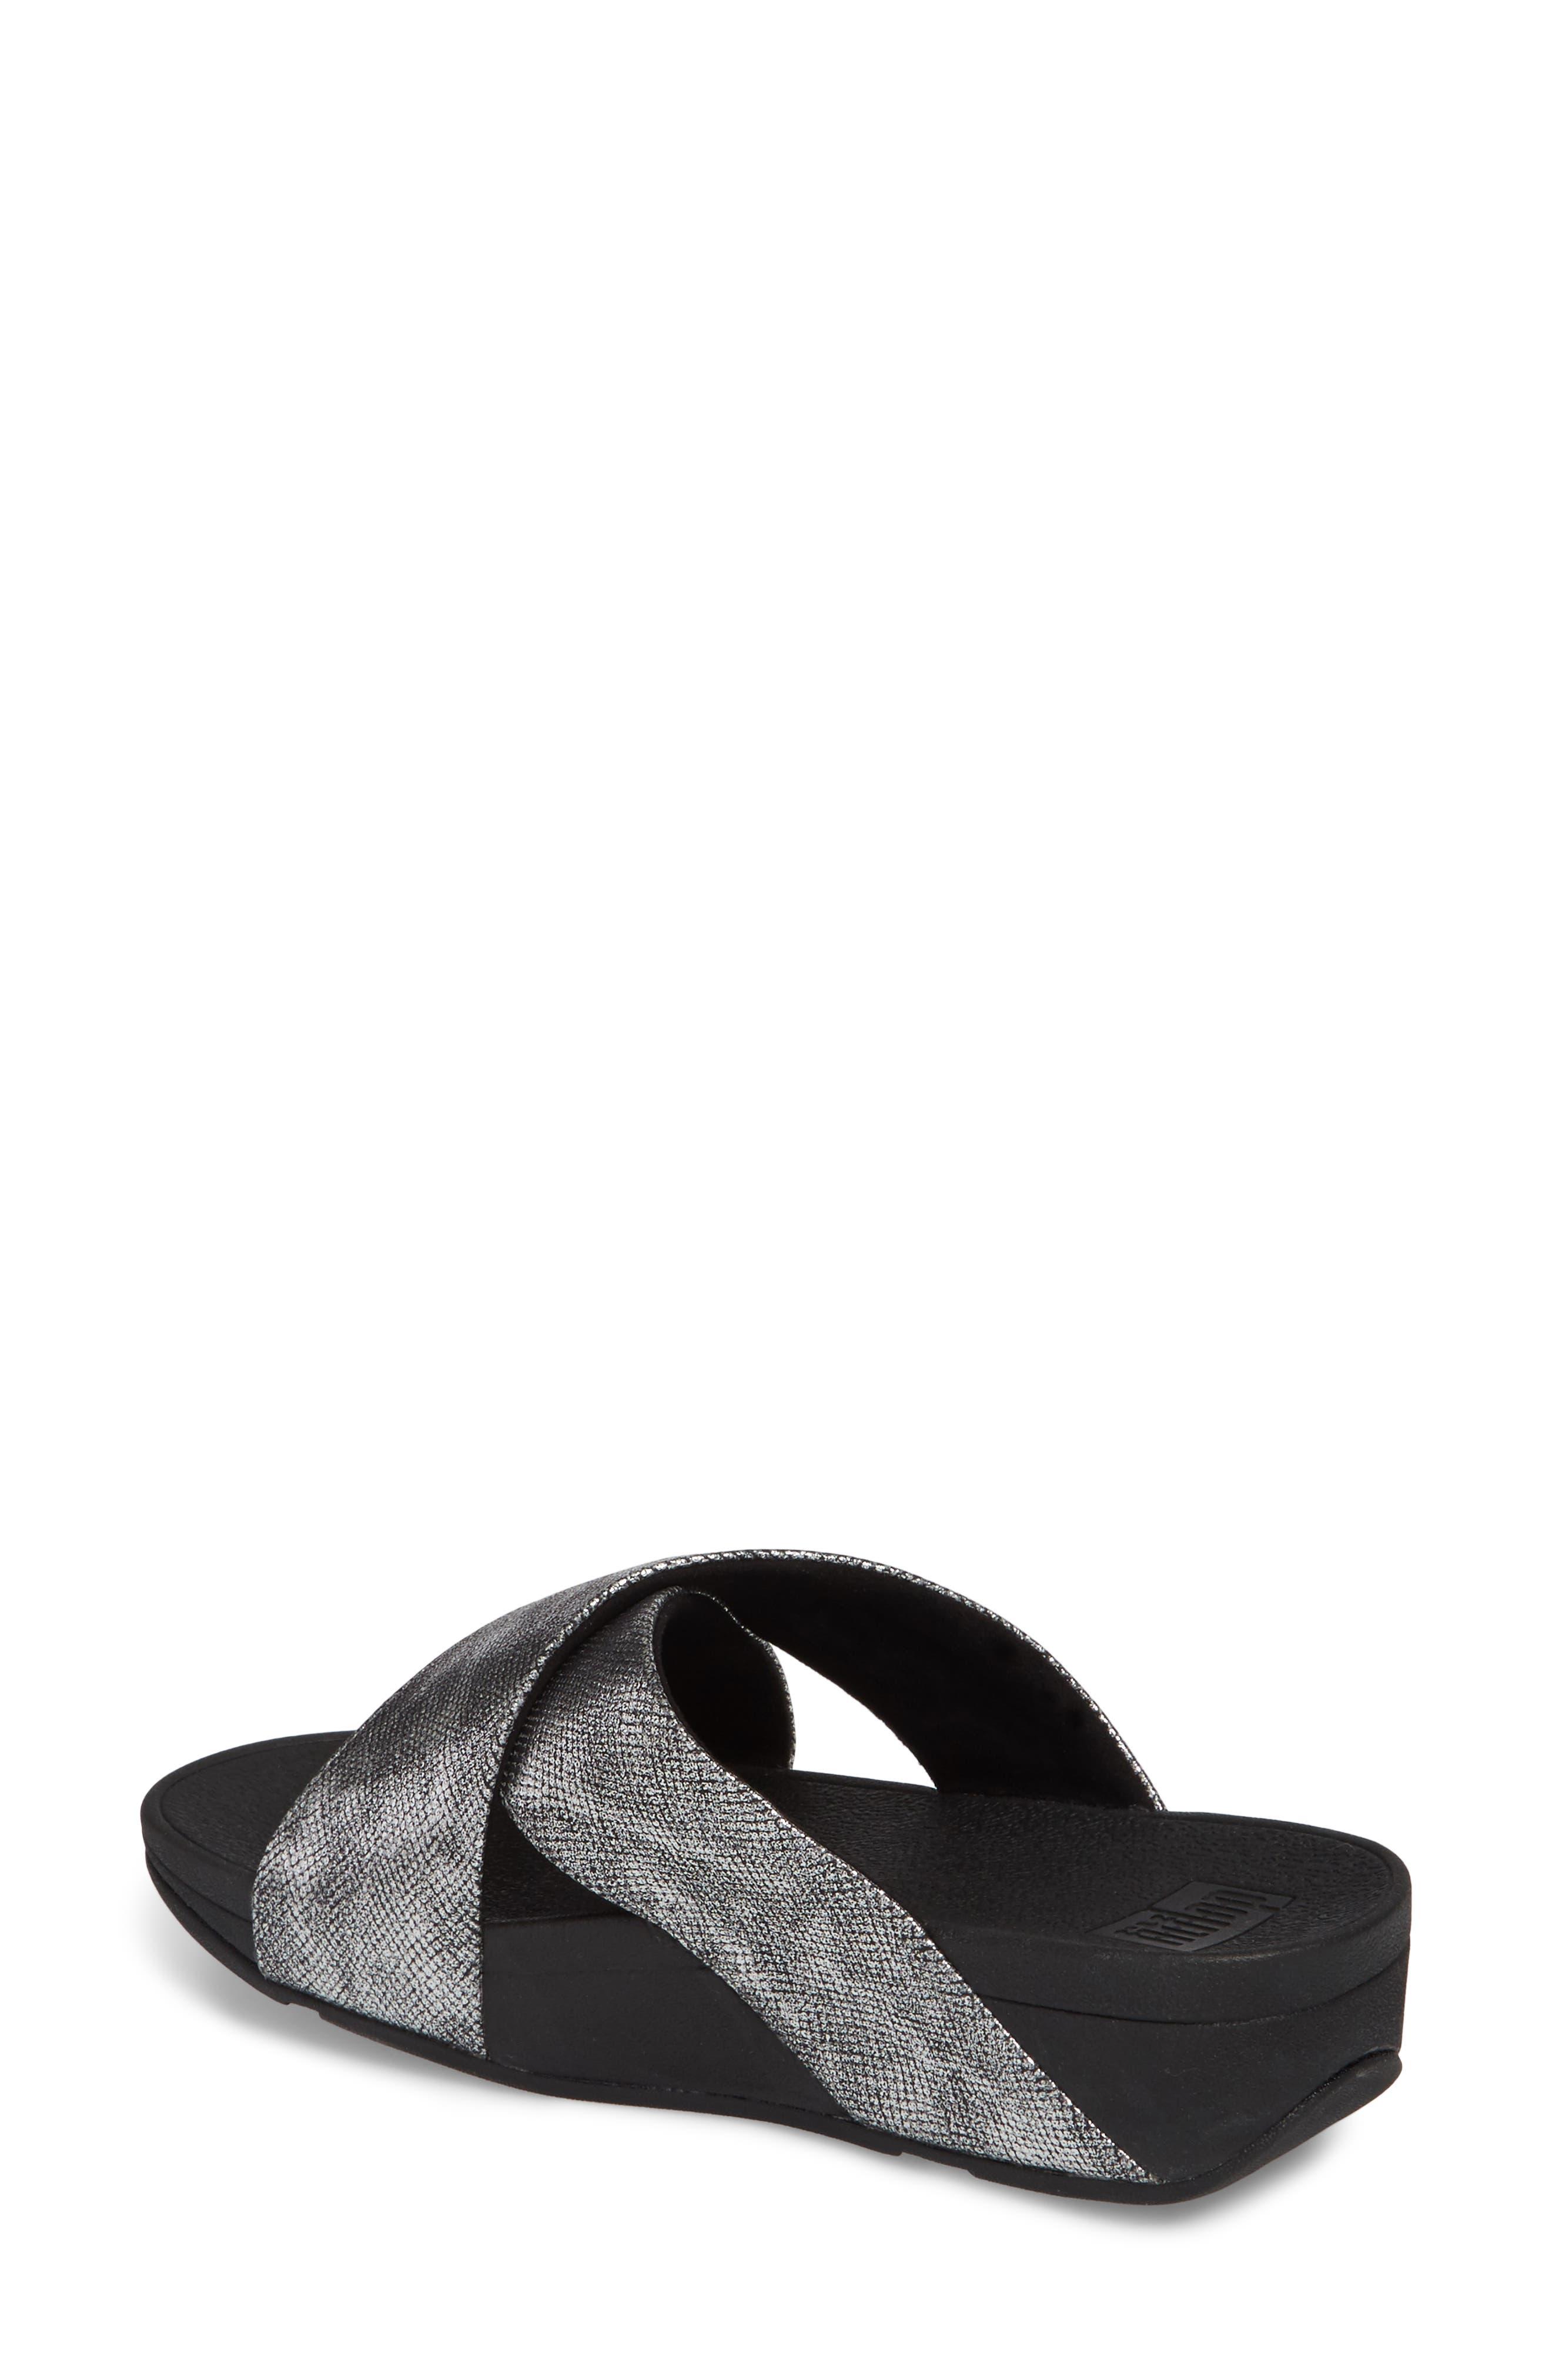 Alternate Image 2  - FitFlop Lulu Cross Slide Sandal (Women)